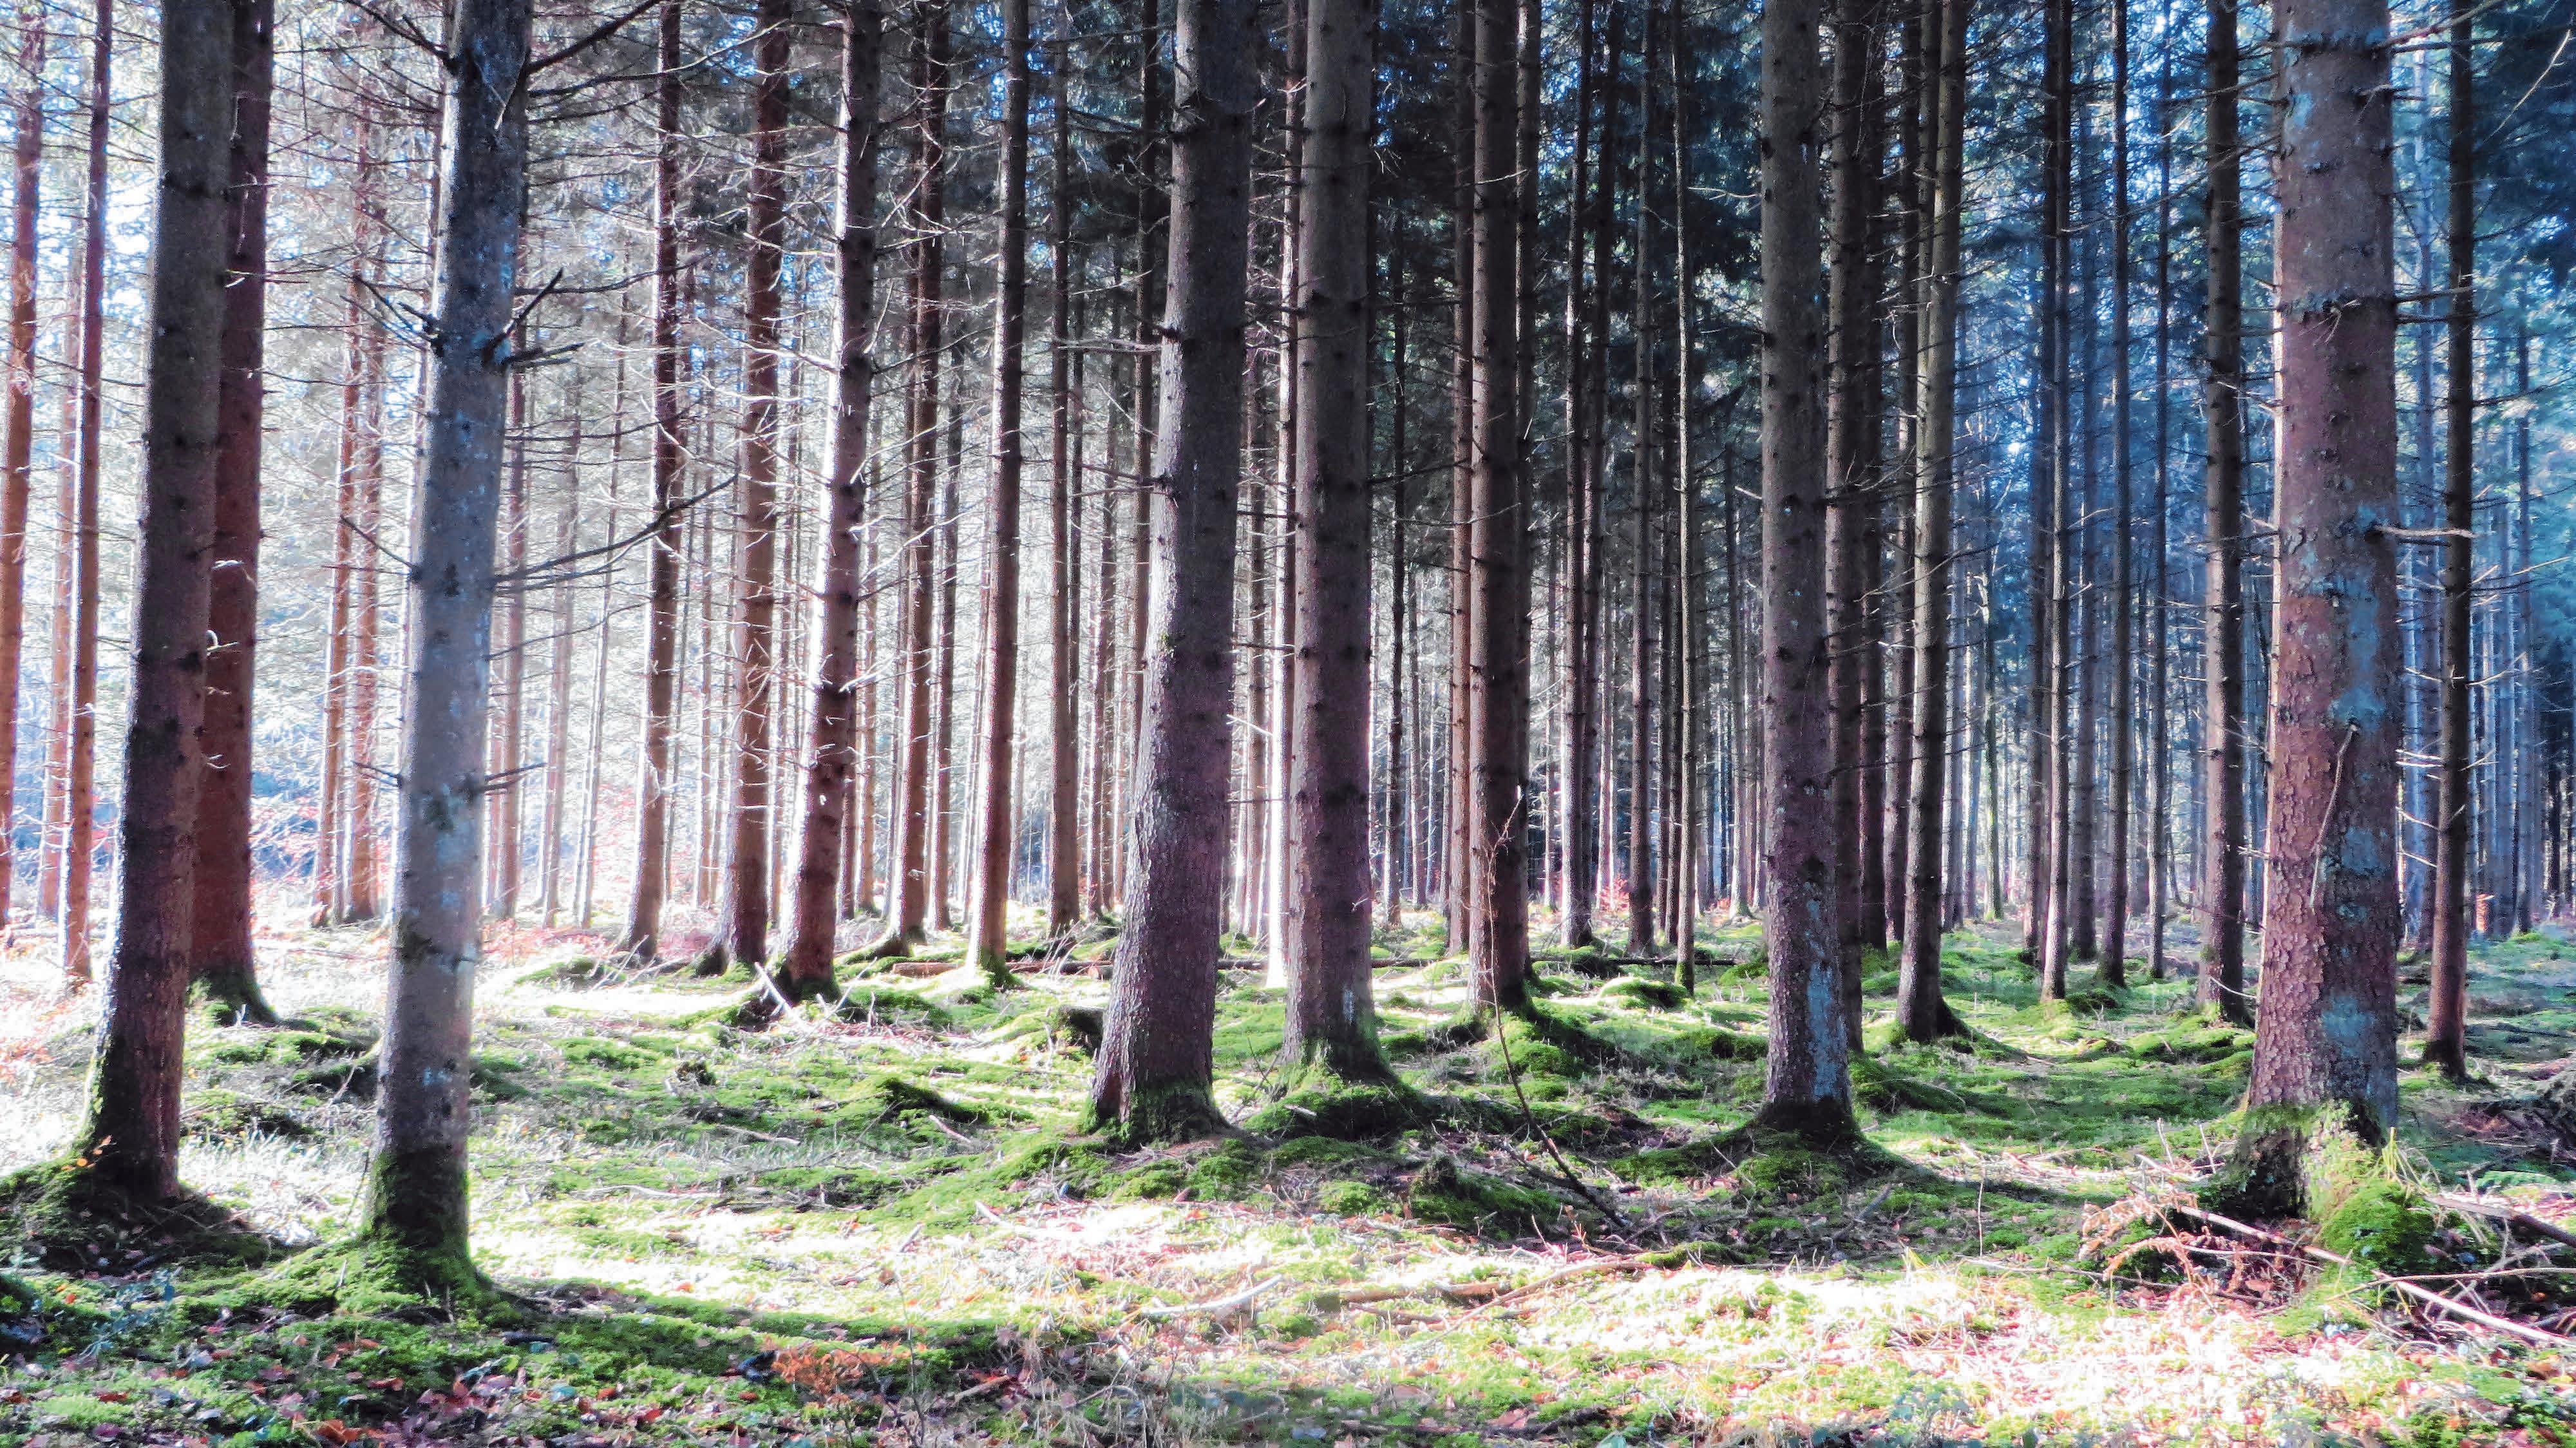 Die Waldarbeit der Zukunft ist eine große Herausforderung. Gefragt sind daher Spezialisten wie Hansjörg und Emanuel Gruber mit ihren Partnern. Fotos: Forstbetrieb Gruber